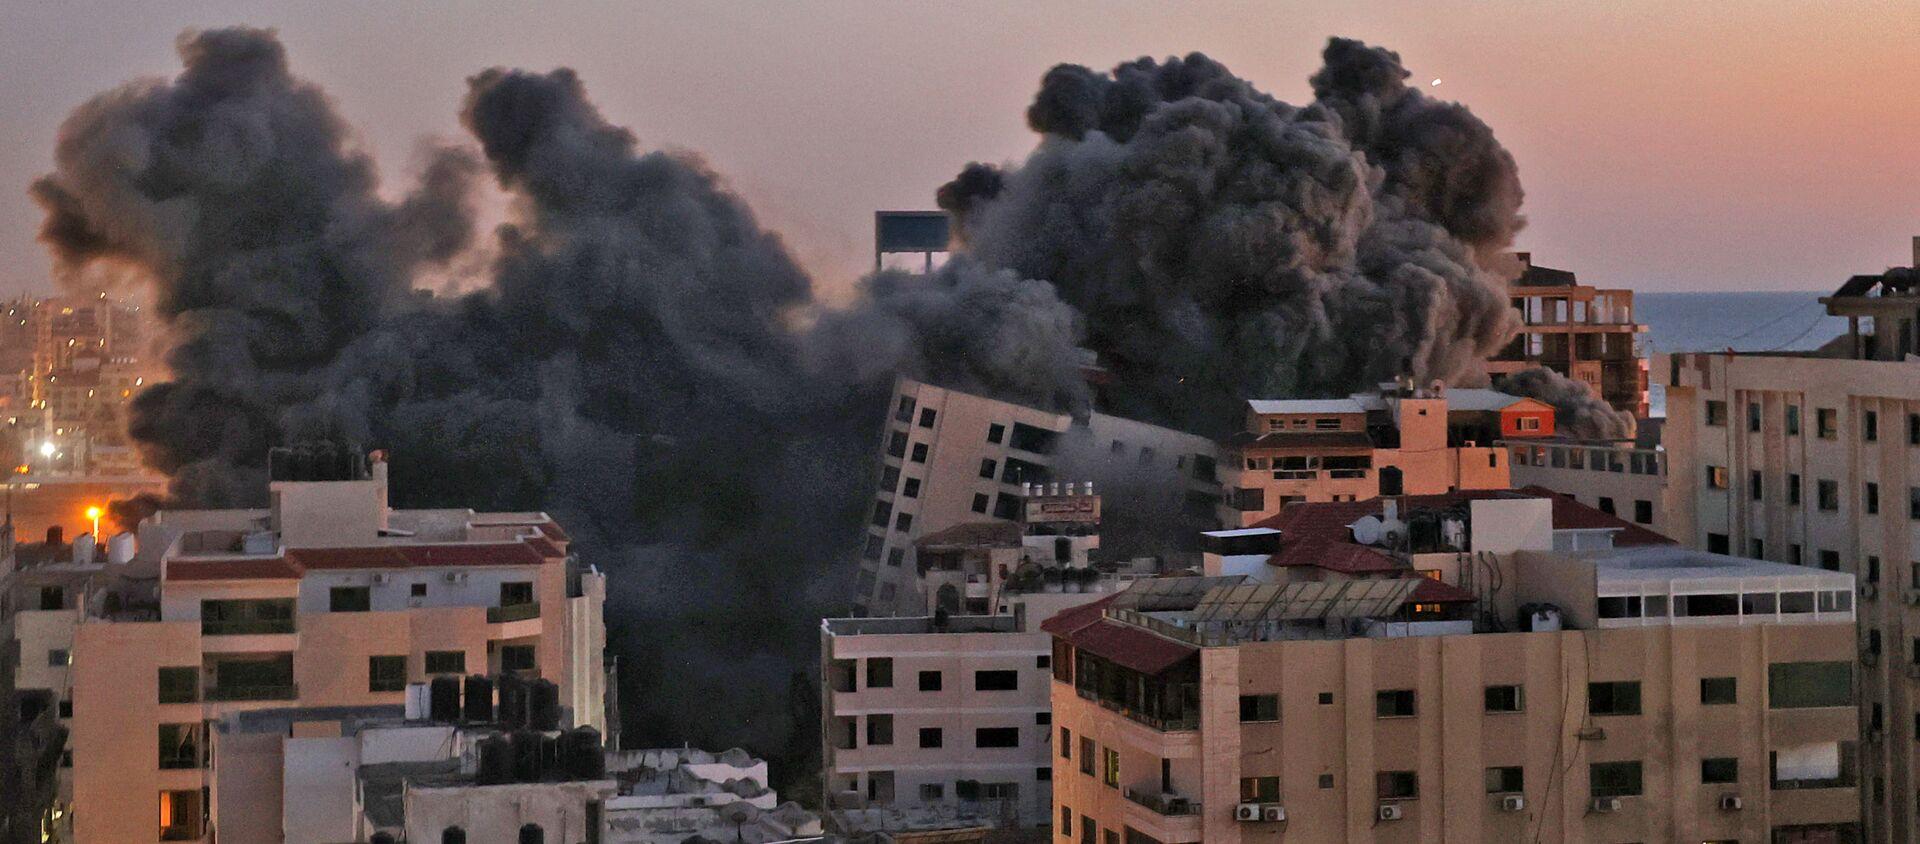 Пожарные тушат горящие многоквартирные дома после израильских авиаударов в городе Газа - Sputnik Արմենիա, 1920, 17.05.2021